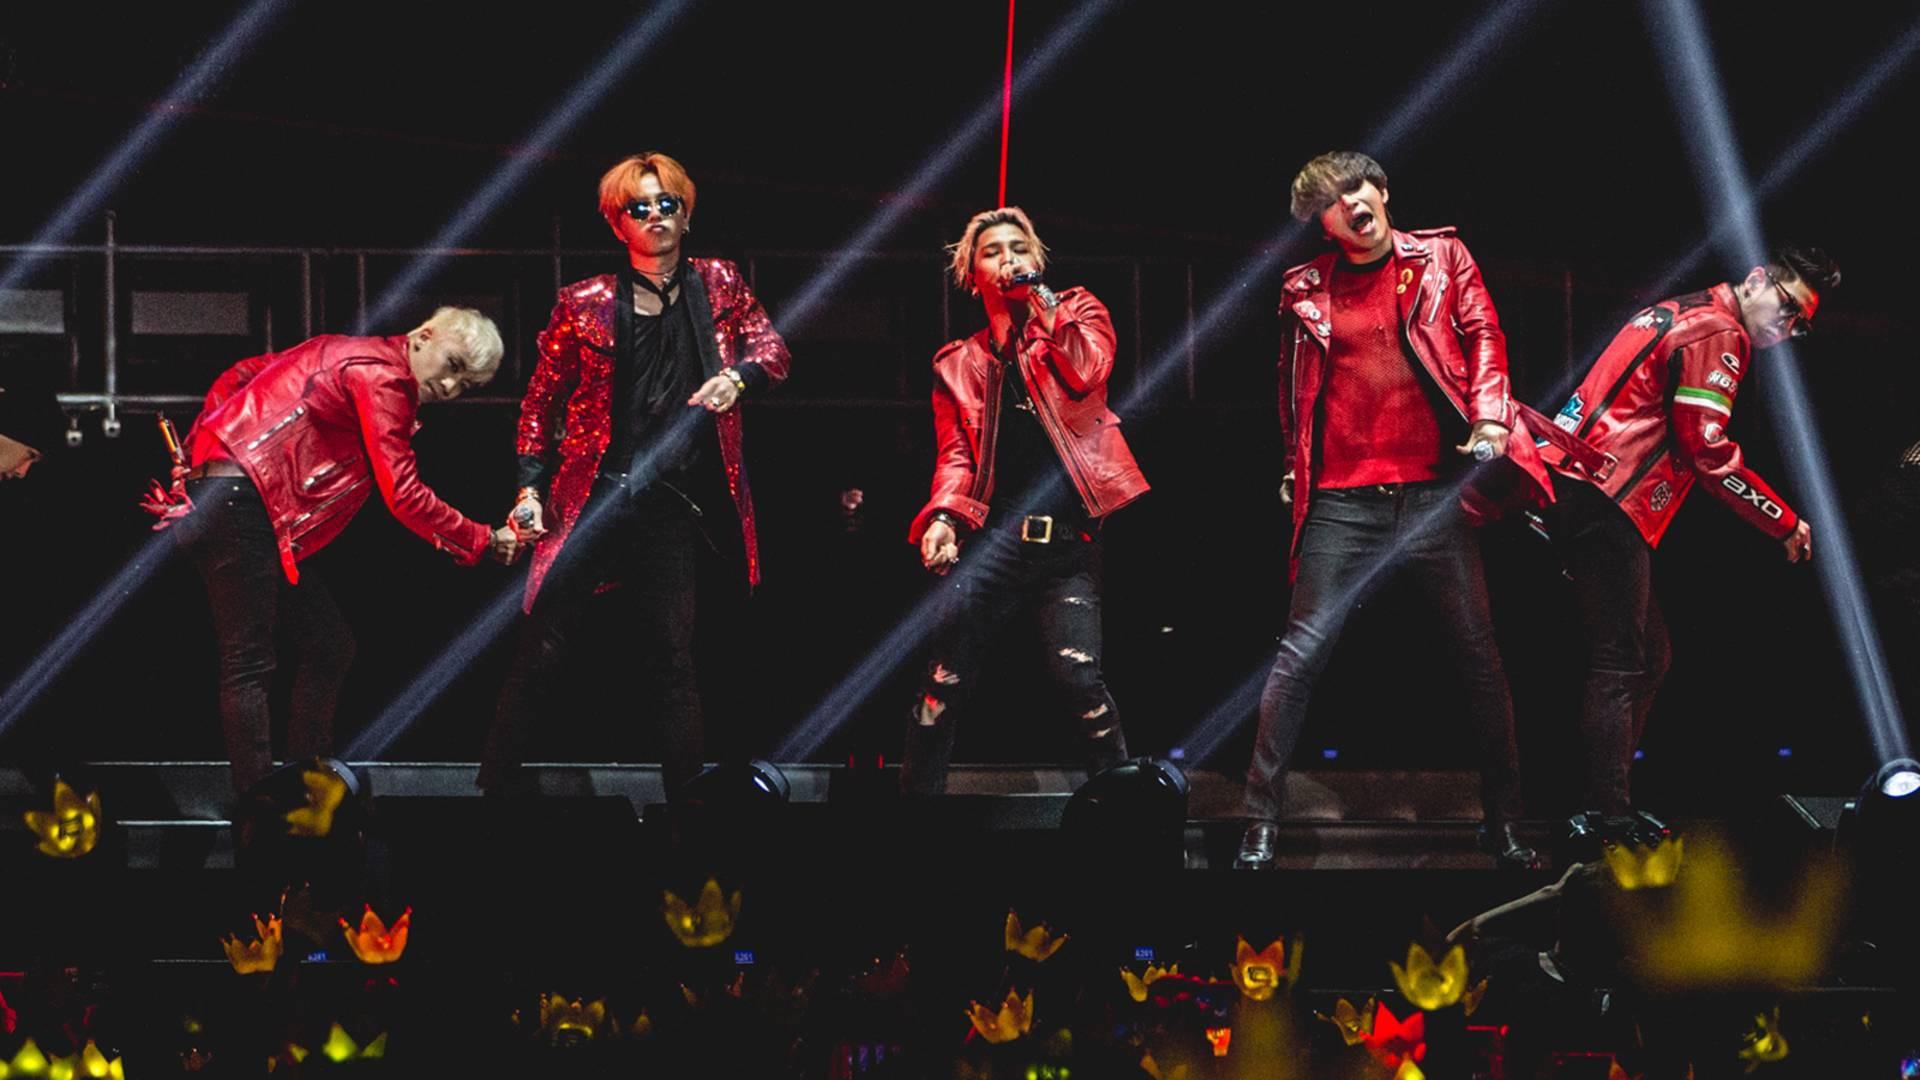 Một tuần buồn của Kpop: 3 idol gen 2 rời nhóm vì scandal bẩn, đẩy sự nghiệp những người khác bên bờ vực thẳm - Ảnh 2.